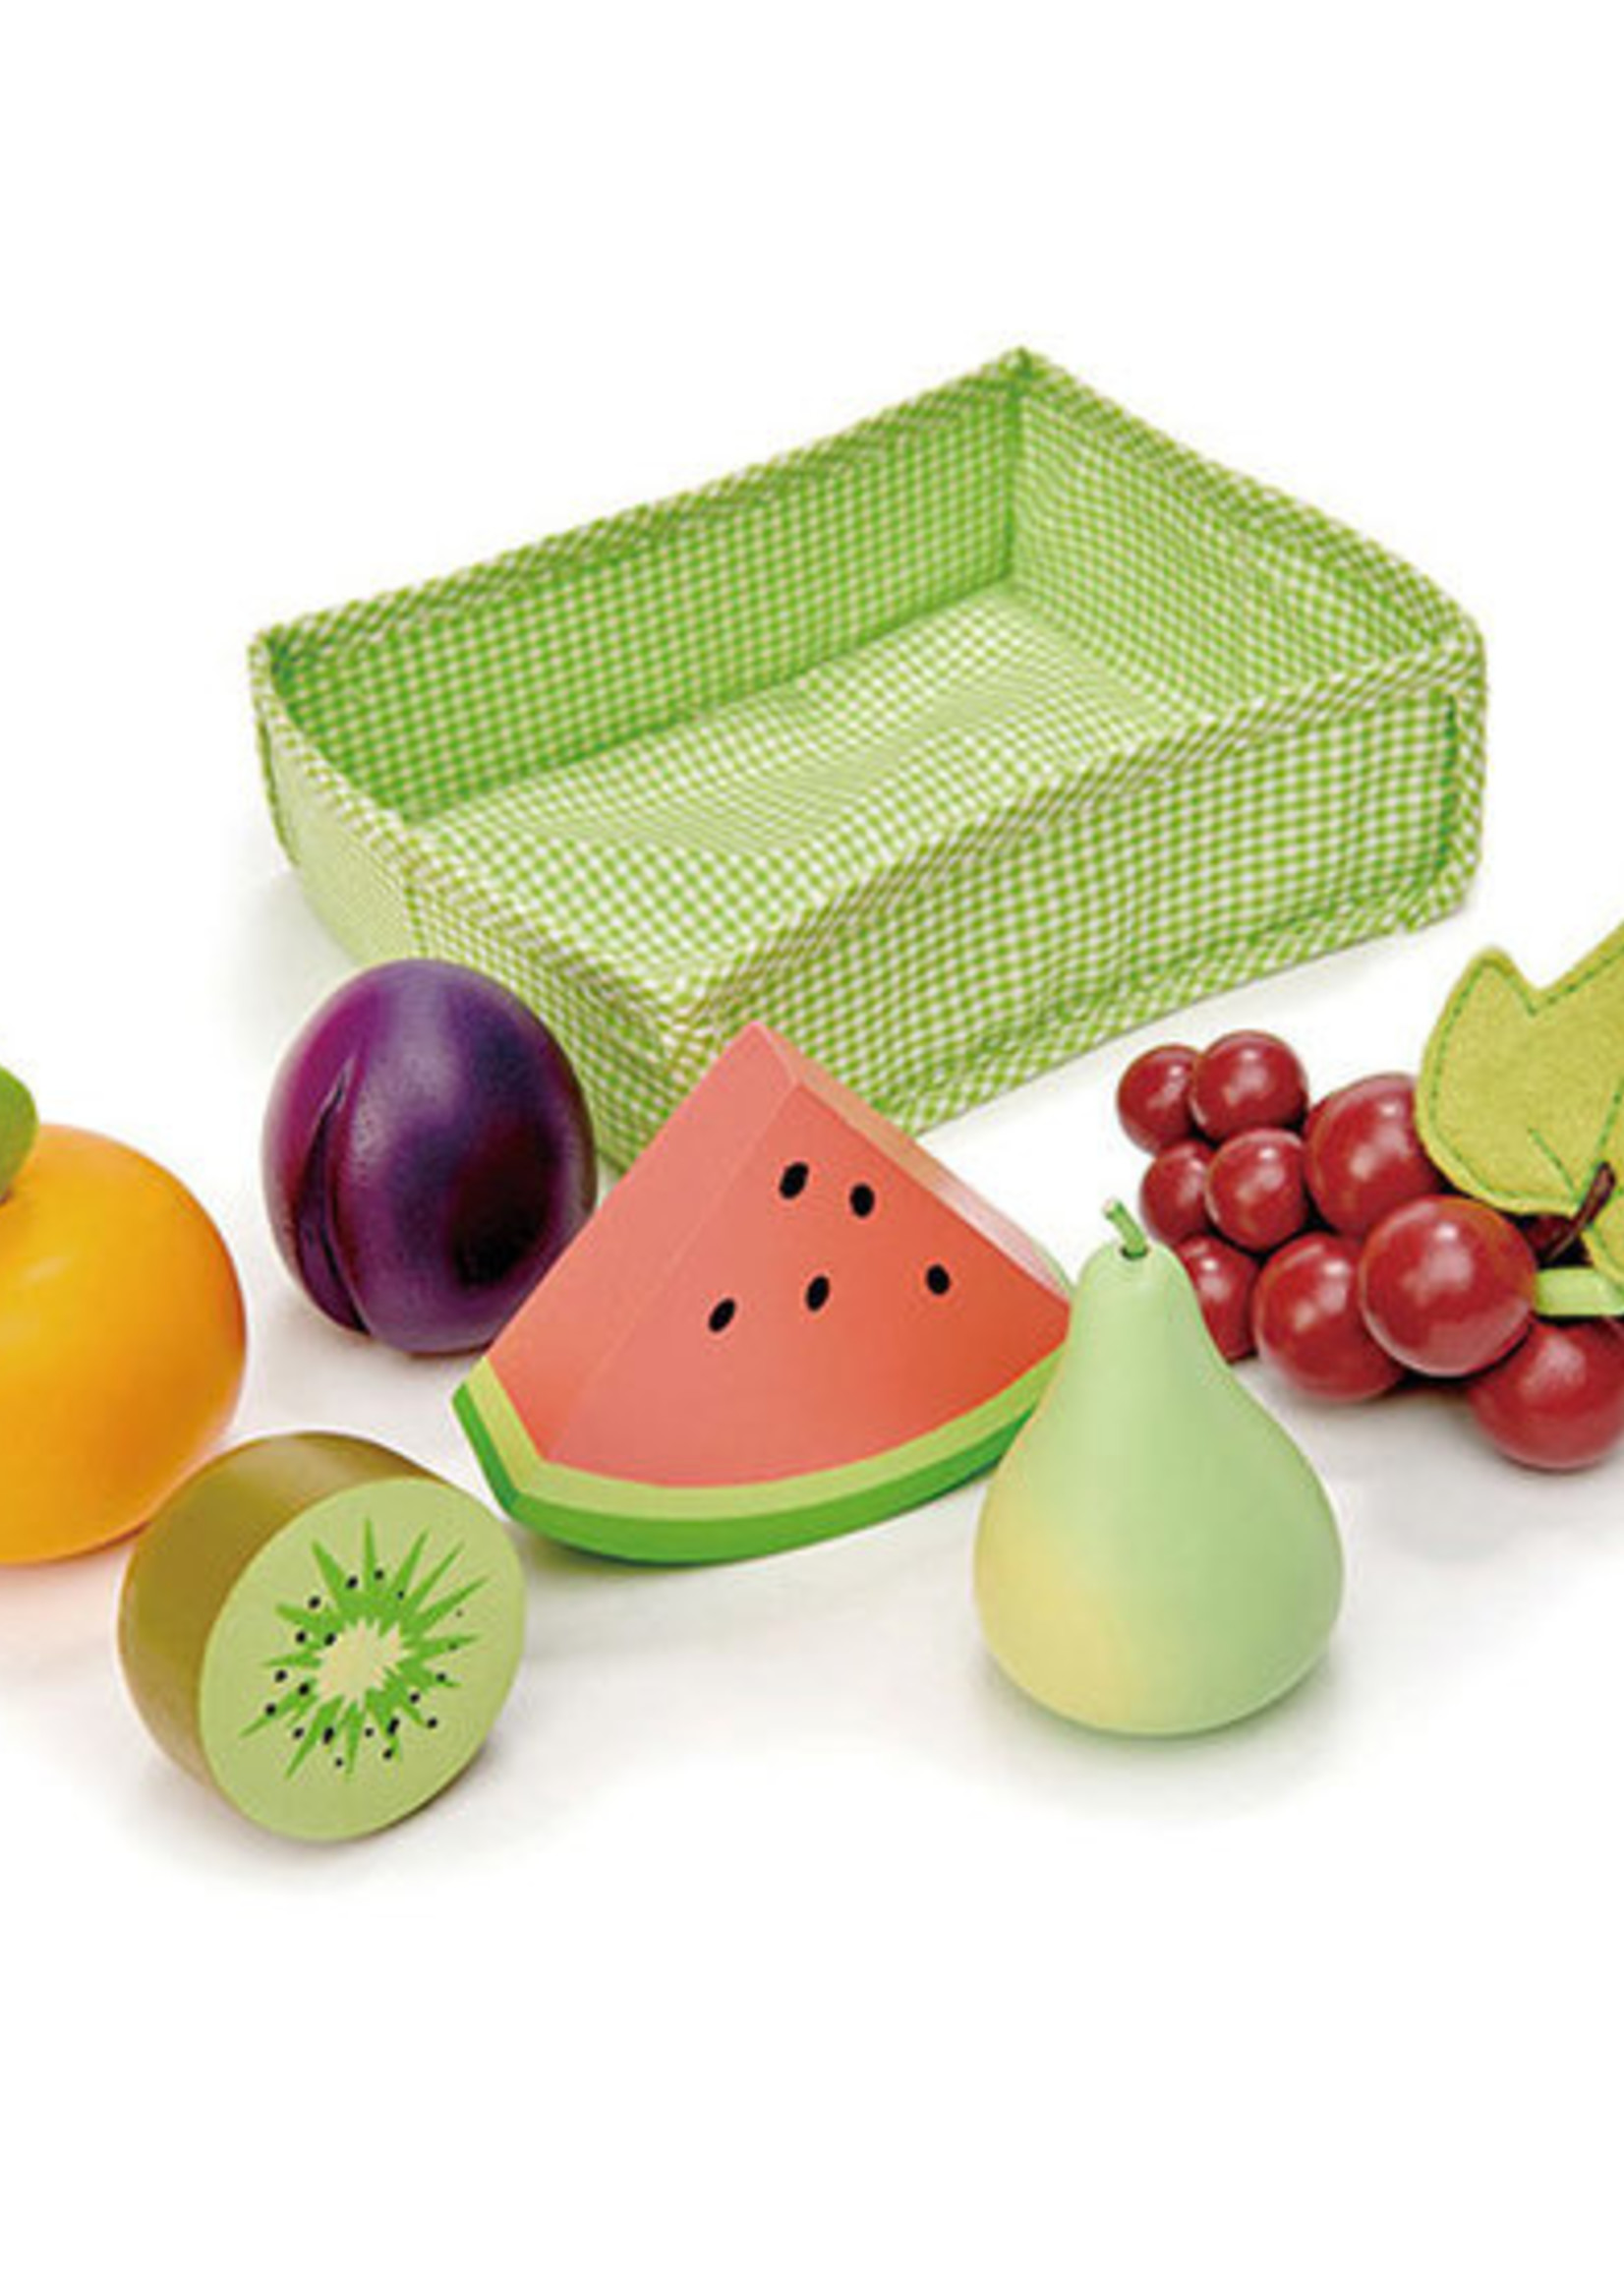 Tender Leaf Toys Mandje met fruit